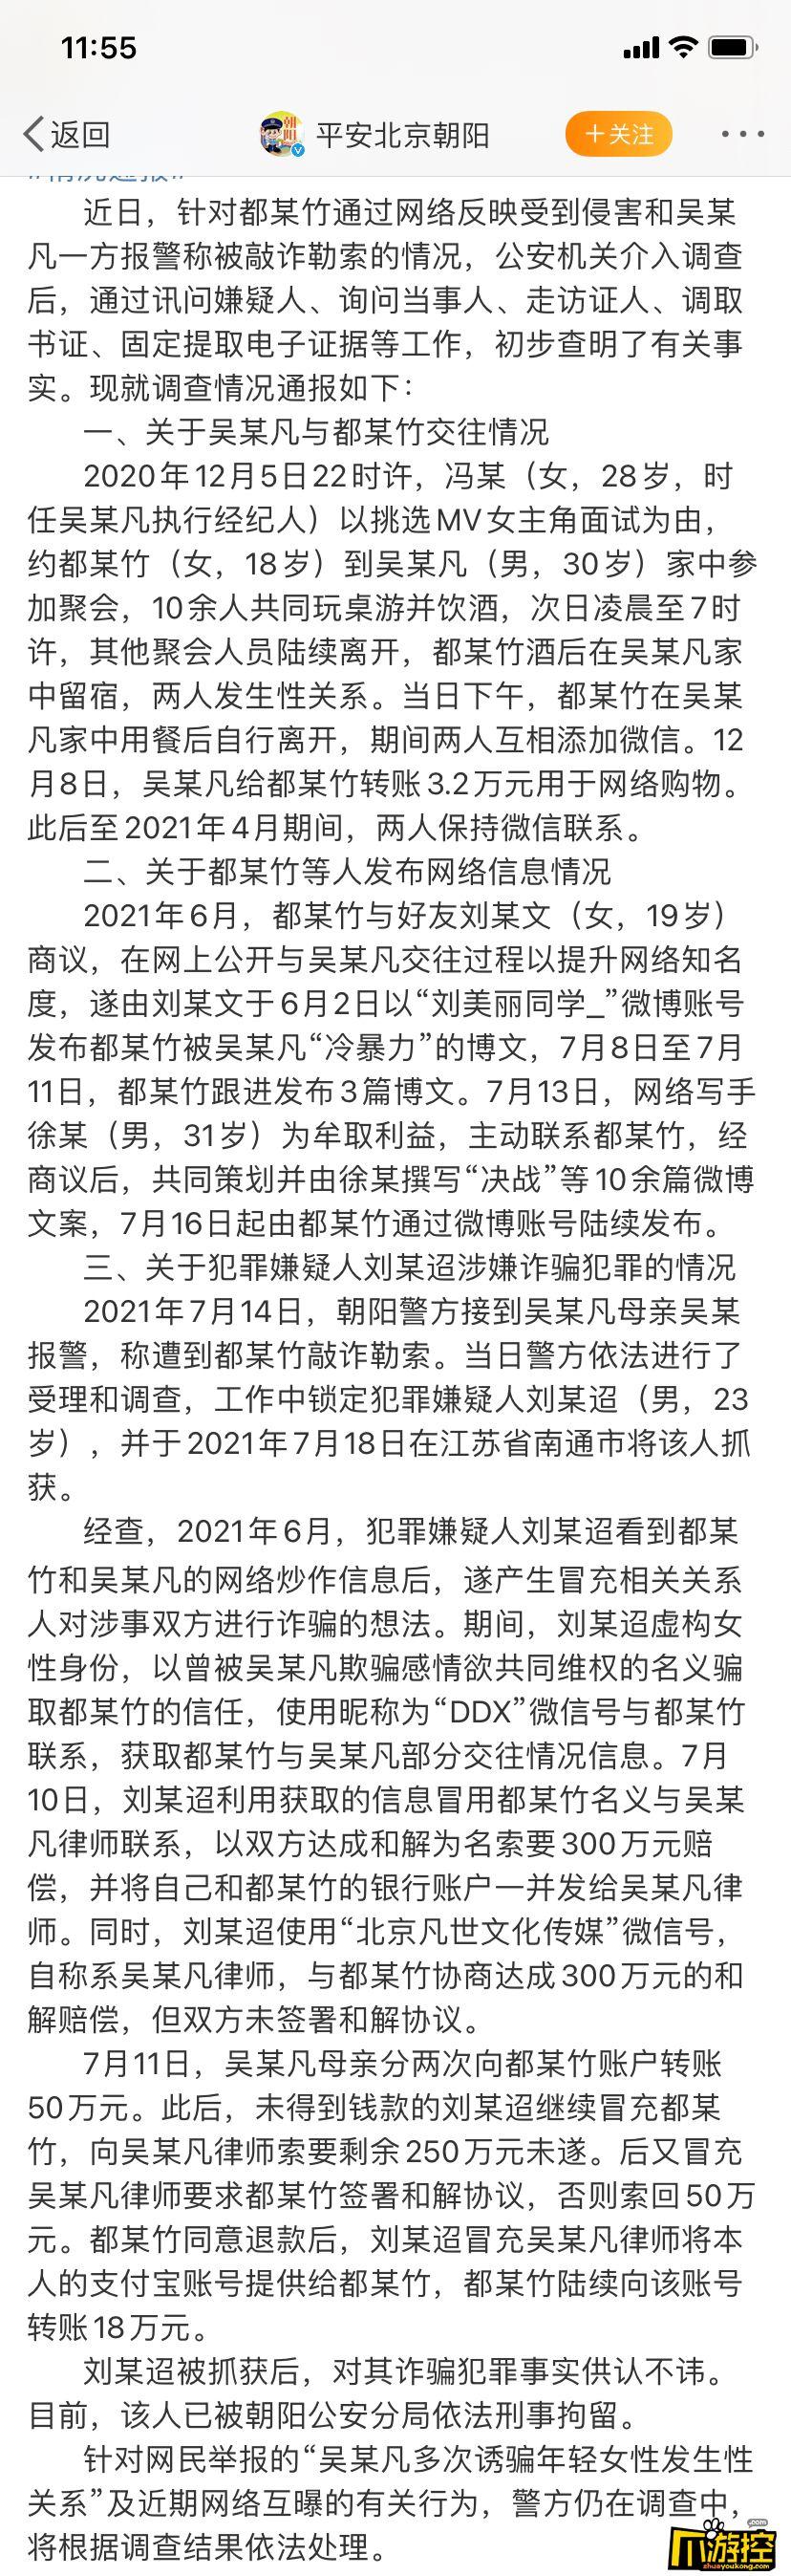 北京警方通报吴亦凡事件,都美竹发文回应我尽力了